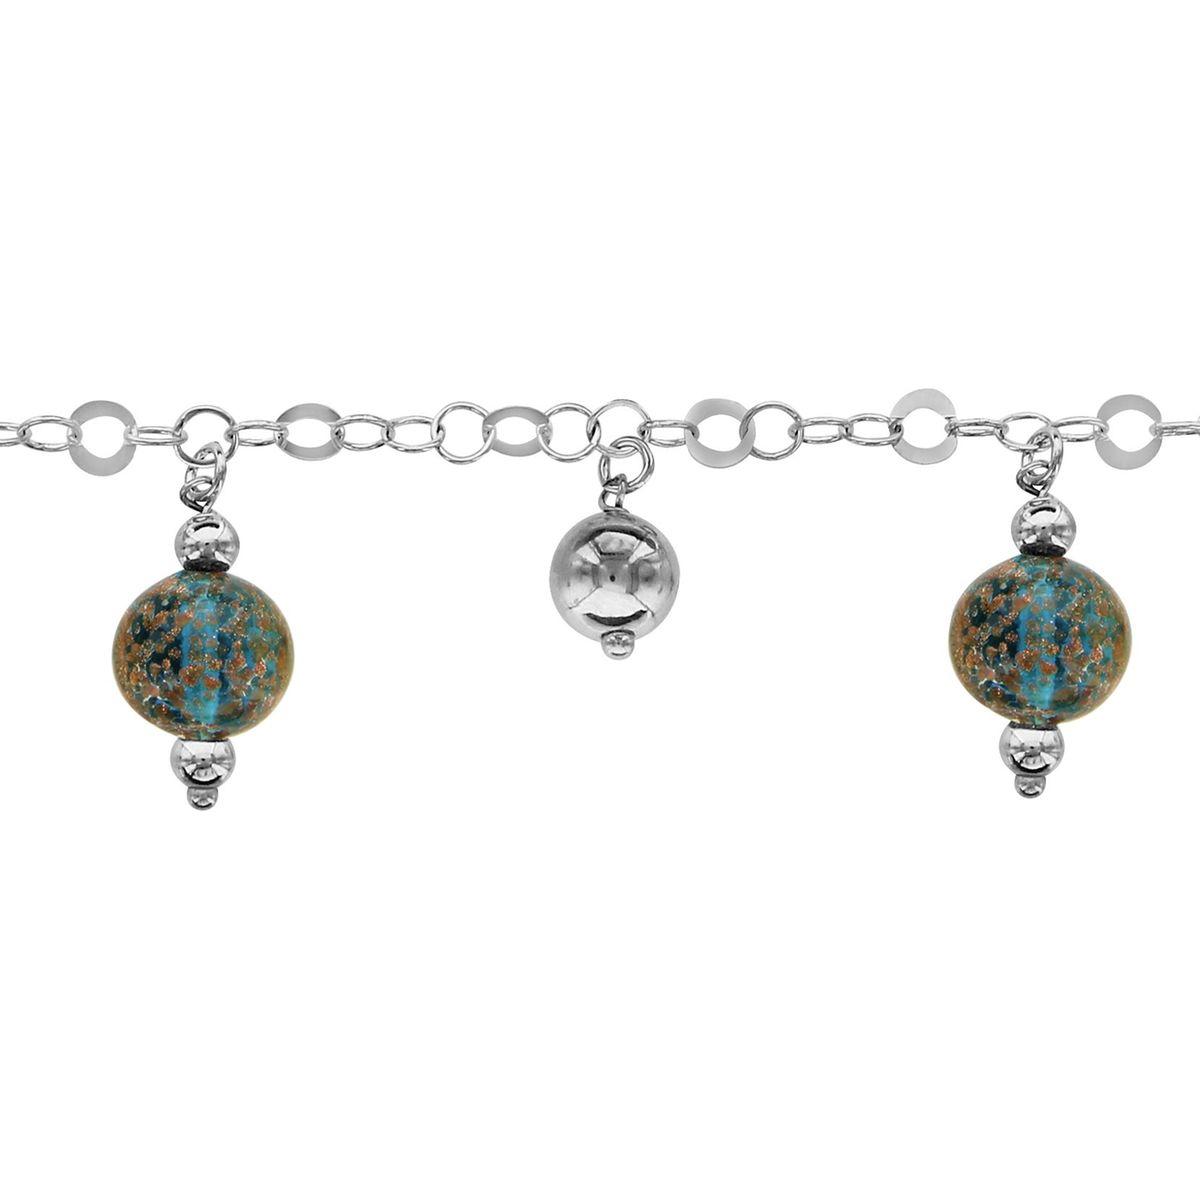 cm 3 Boules Pampilles Verre de Murano Bleu Argent 925 SO CHIC BIJOUX